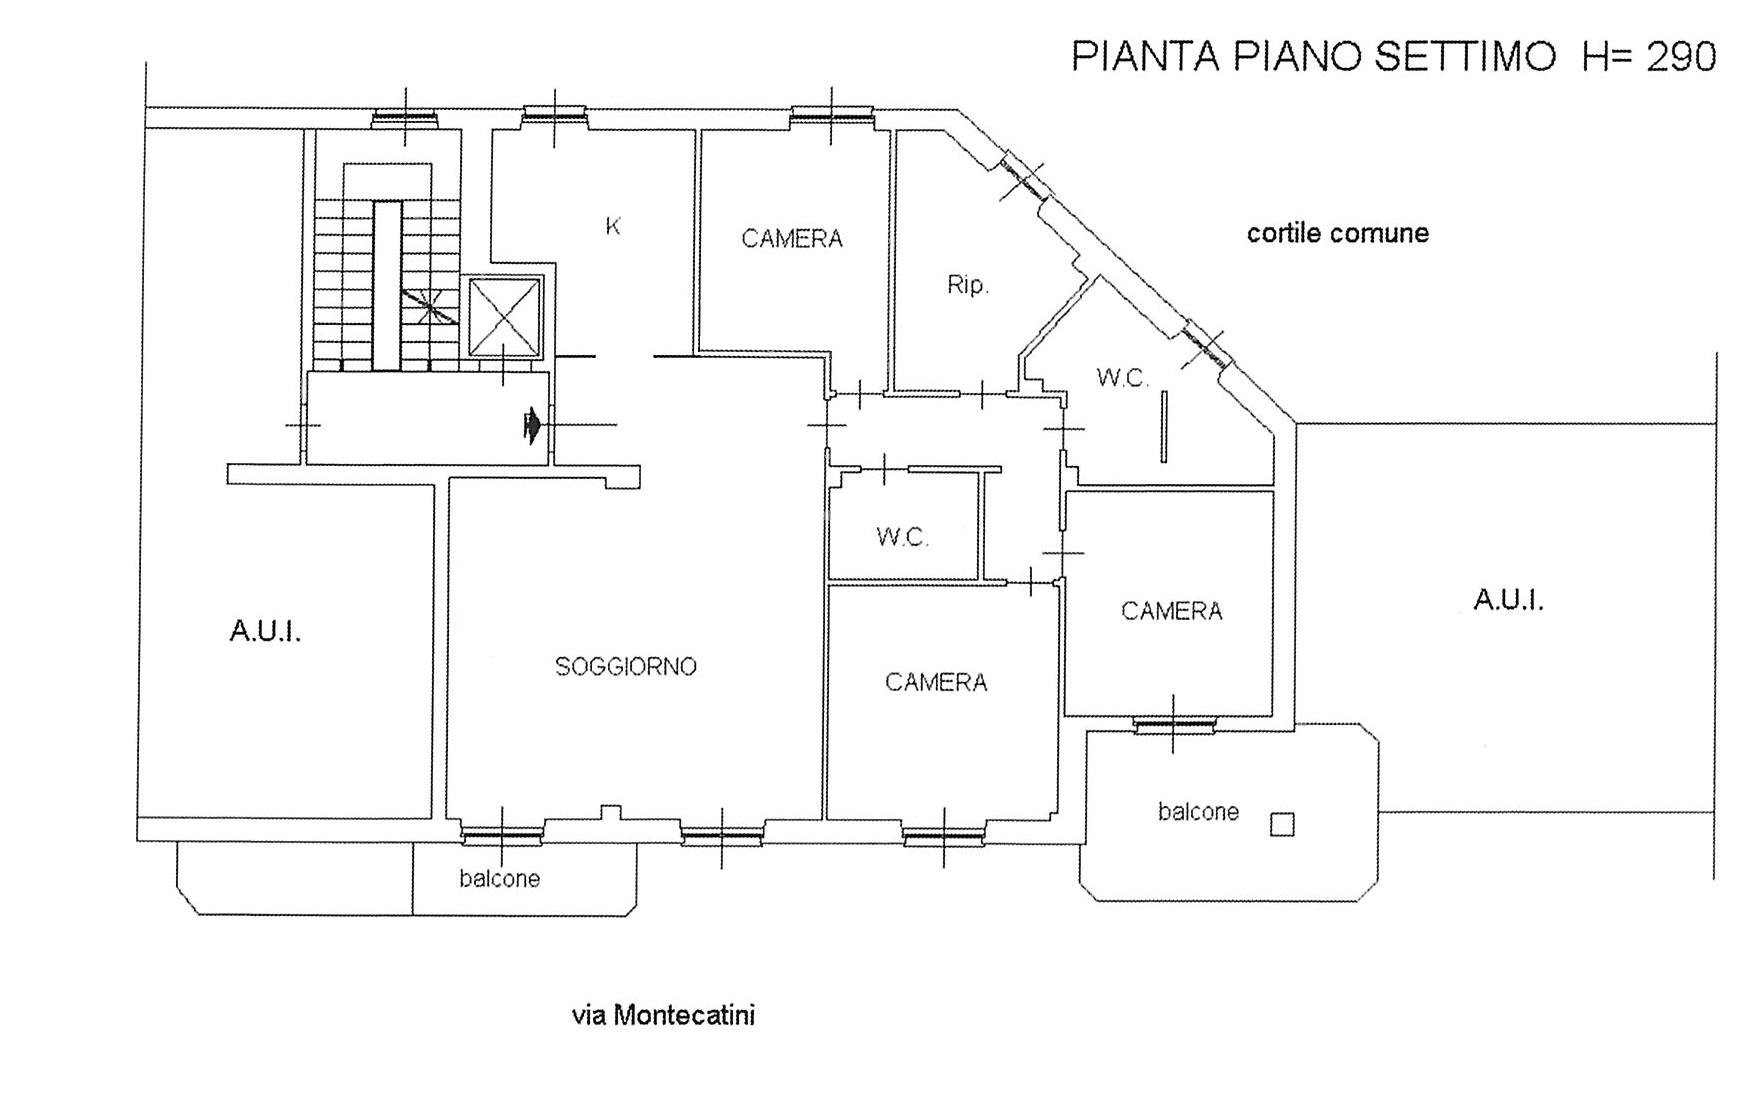 planimetrie/BnenJlEsIU.jpg